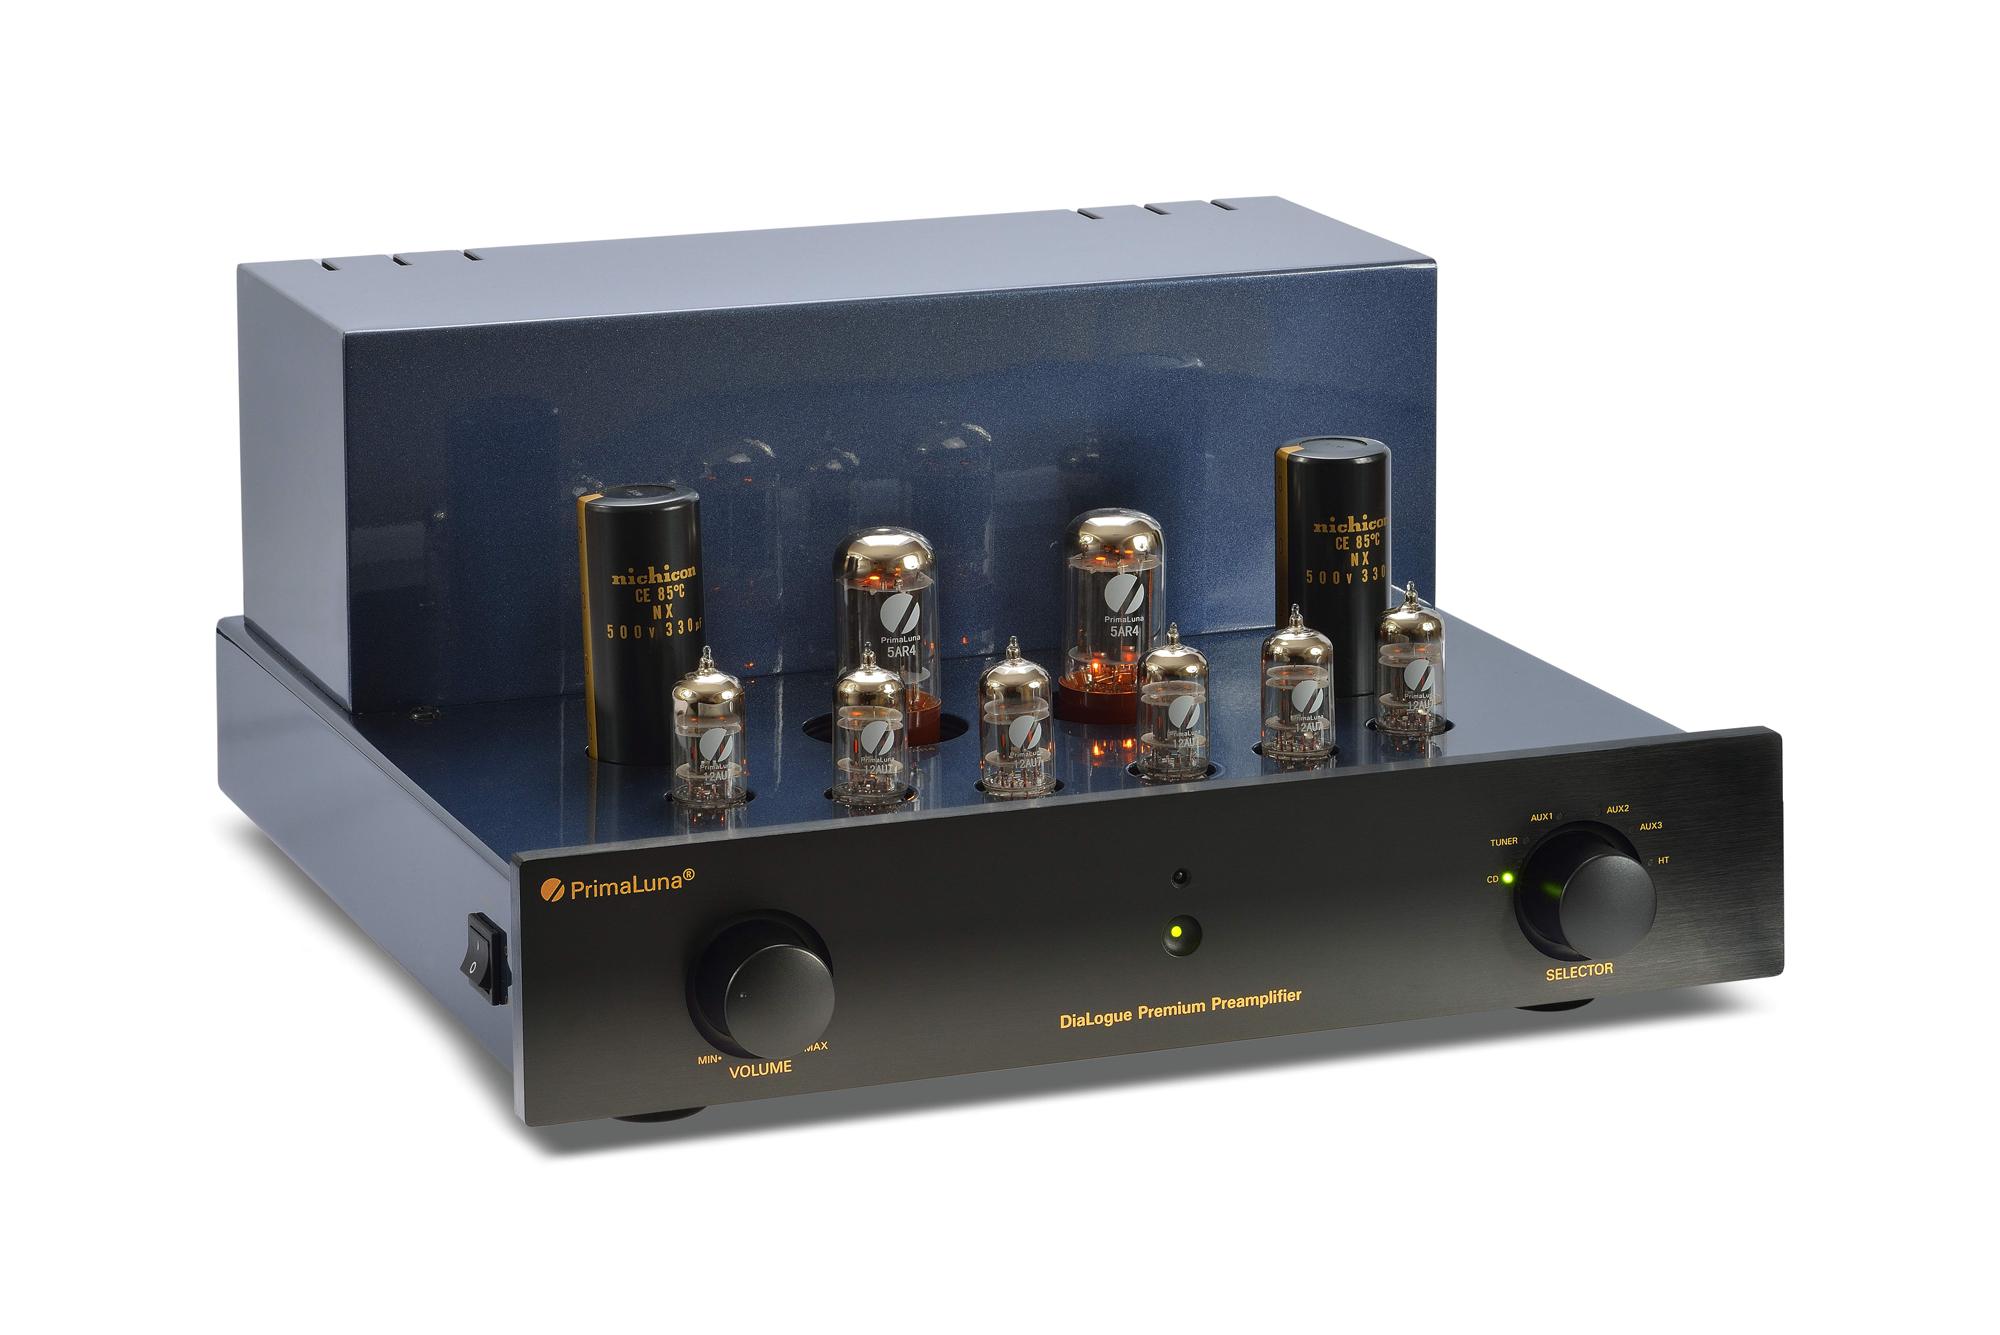 PrimaLuna Dialogue Premium Pre Amplifier - Magenta Audio